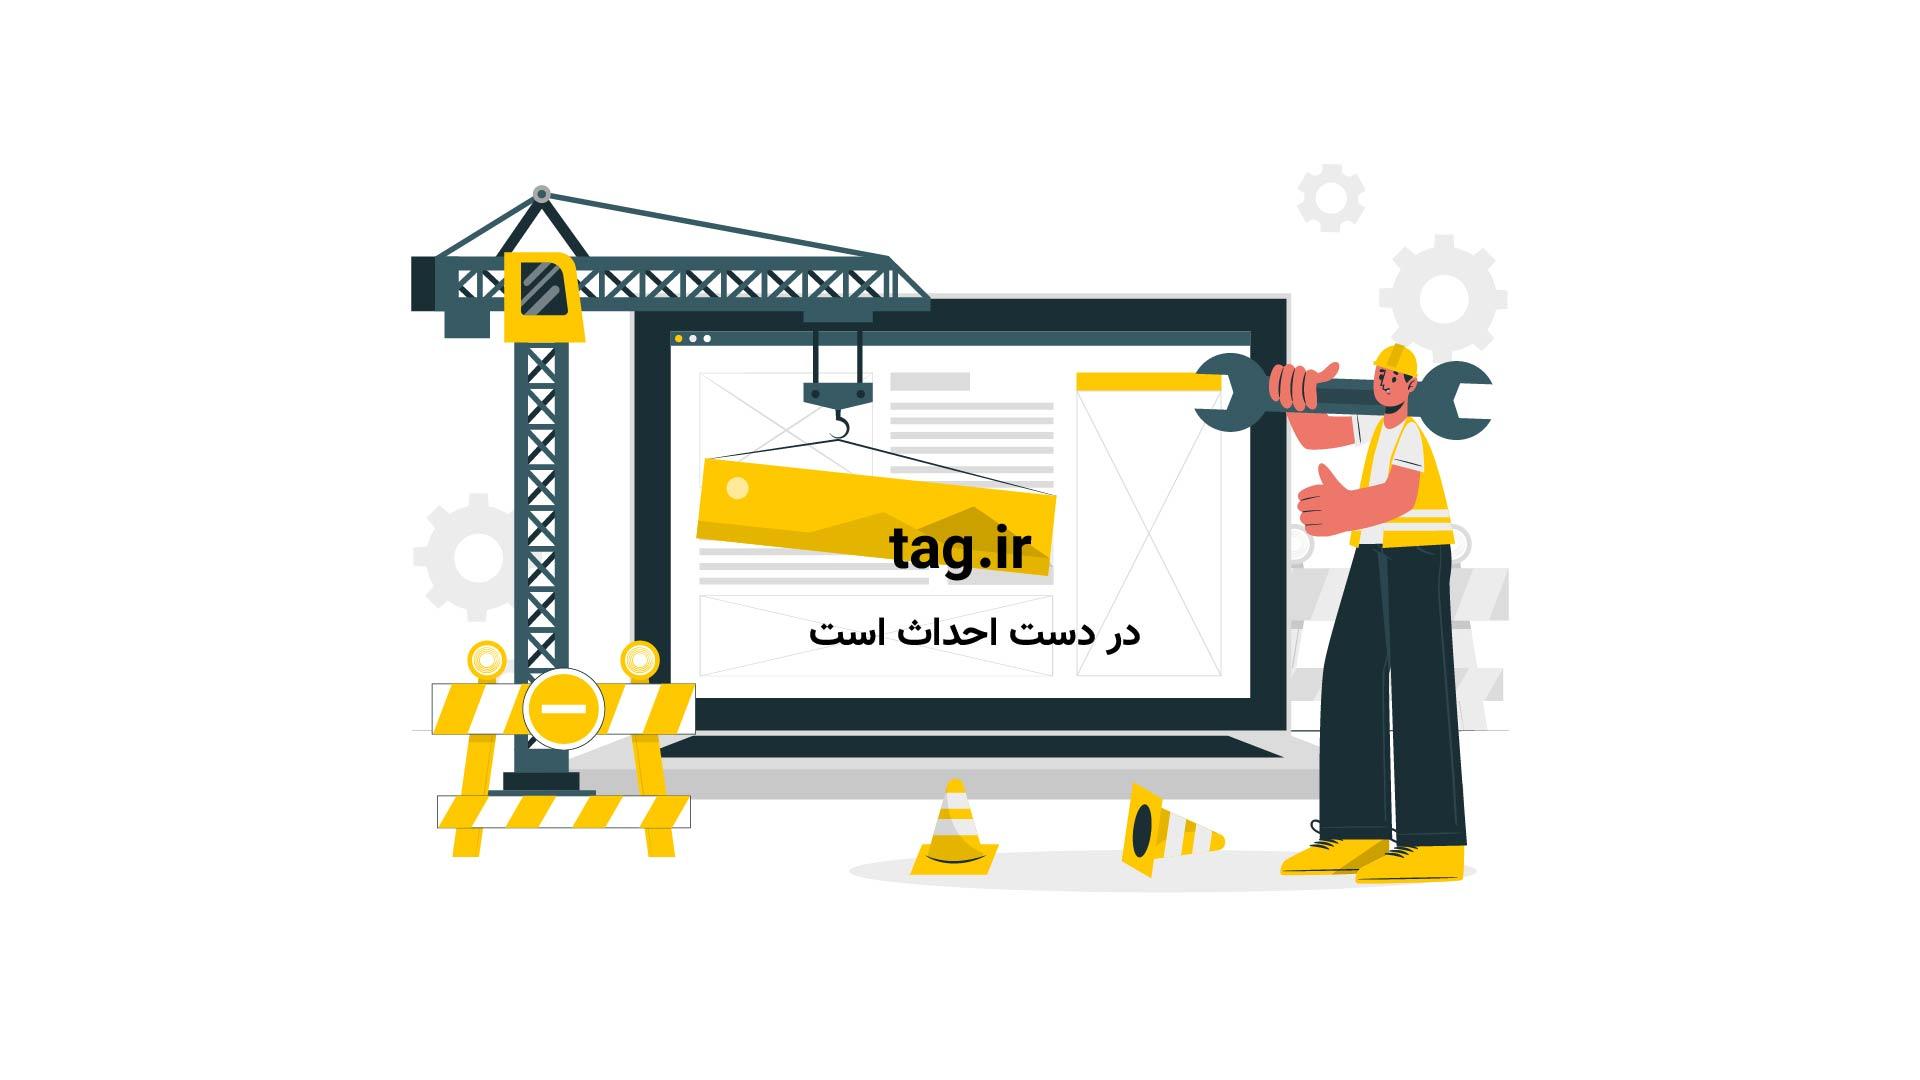 استفاده پلیس ضد شورش از گاز فلفل برای متفرق کردن معترضان ترامپ | فیلم